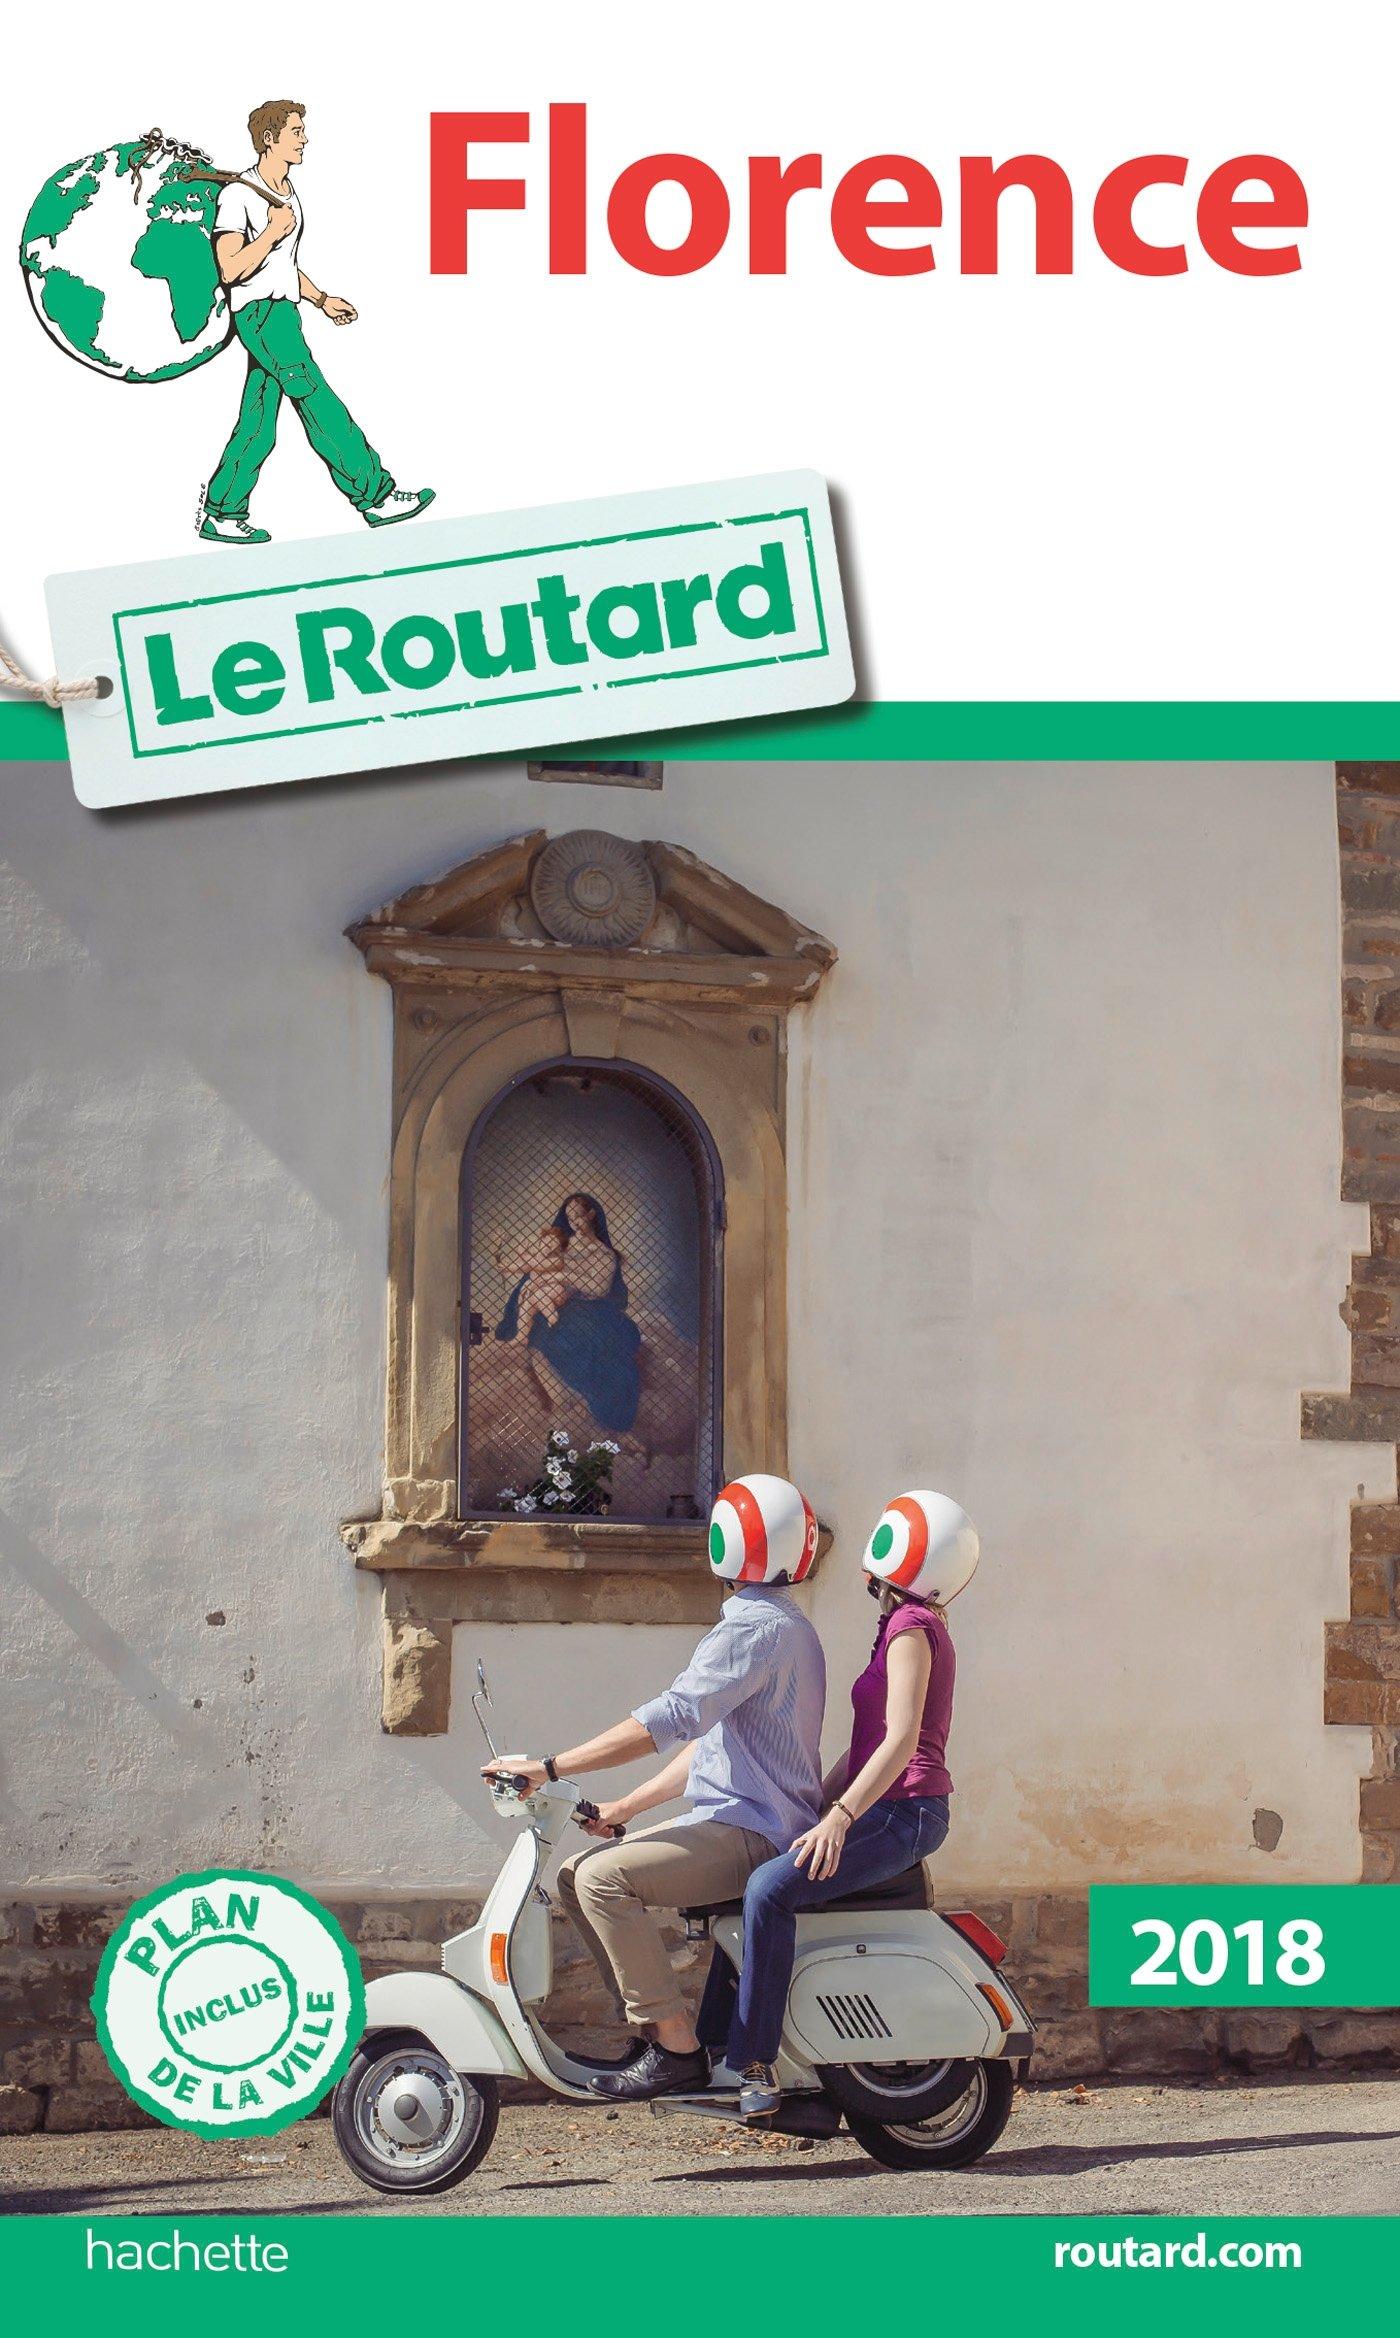 Guide du Routard Florence 2018 Broché – 14 février 2018 Collectif Hachette Tourisme 201703343X TRAVEL / General